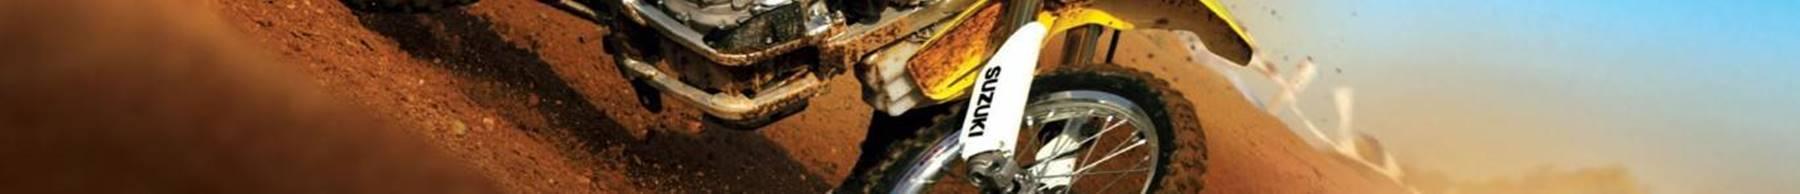 vue d'une suspension de roue avant